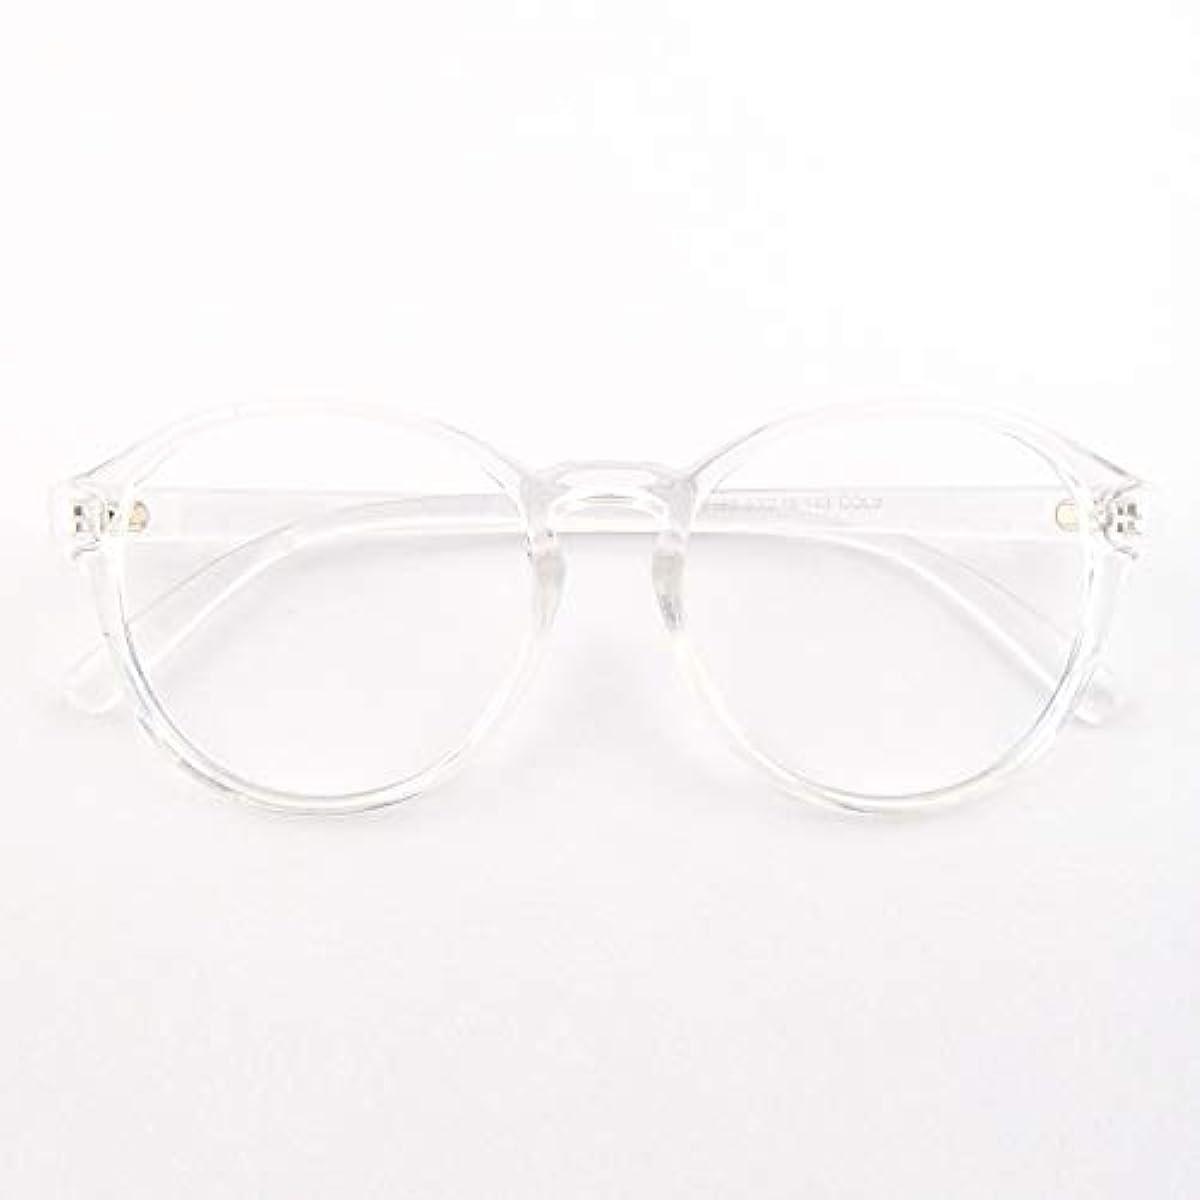 [해외] 【FUTURE CRUISE】 클리어 프레임 다테 안경 클리어 안경 맨즈 레이디스 겸용